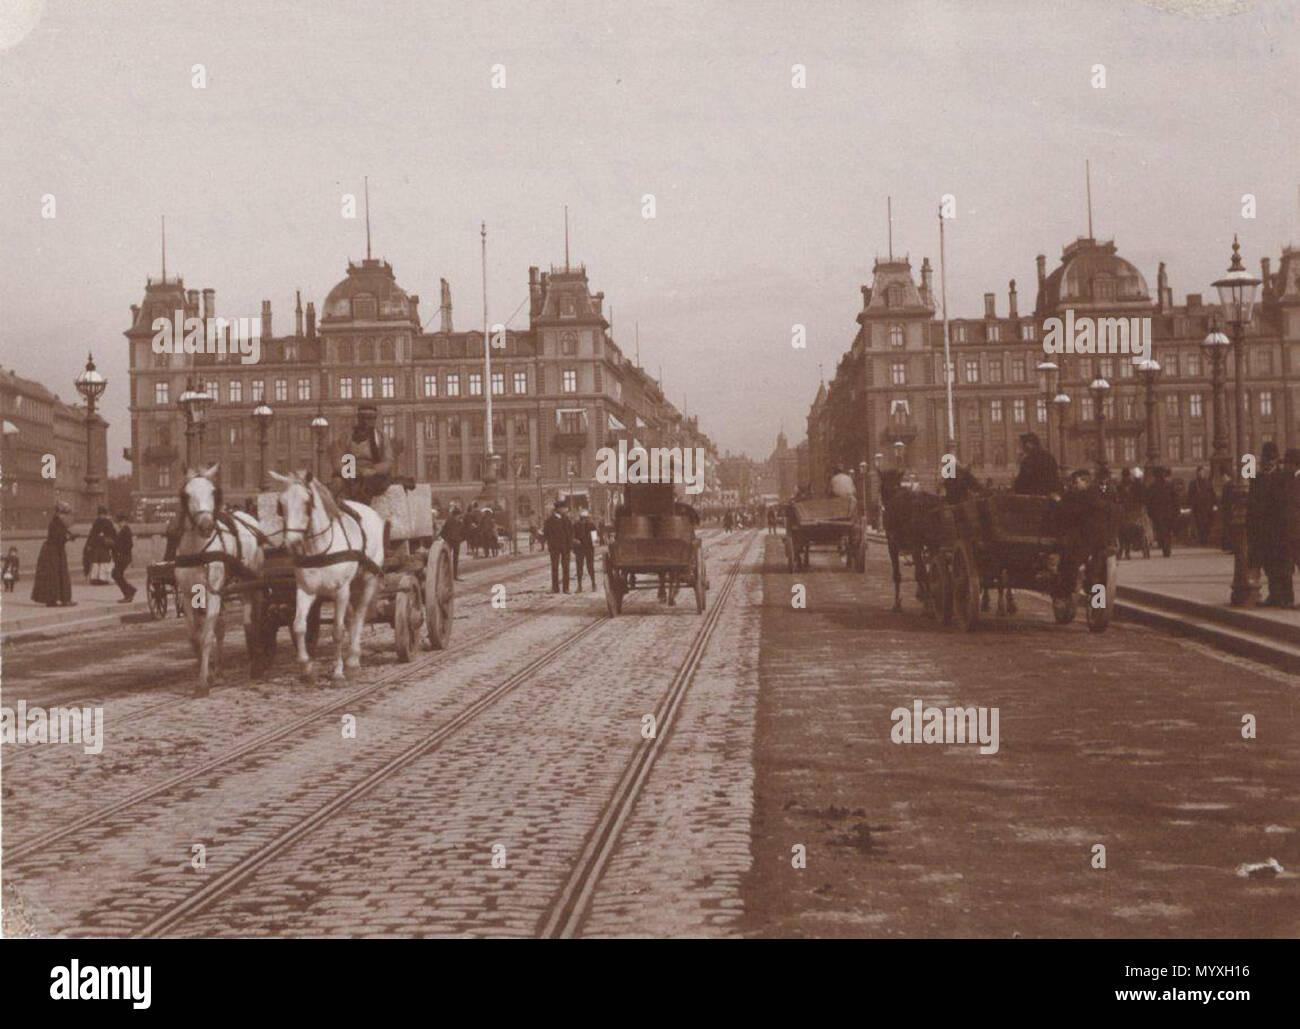 27 Dronning Louises Bro - Søtorvet 1890s - Stock Image